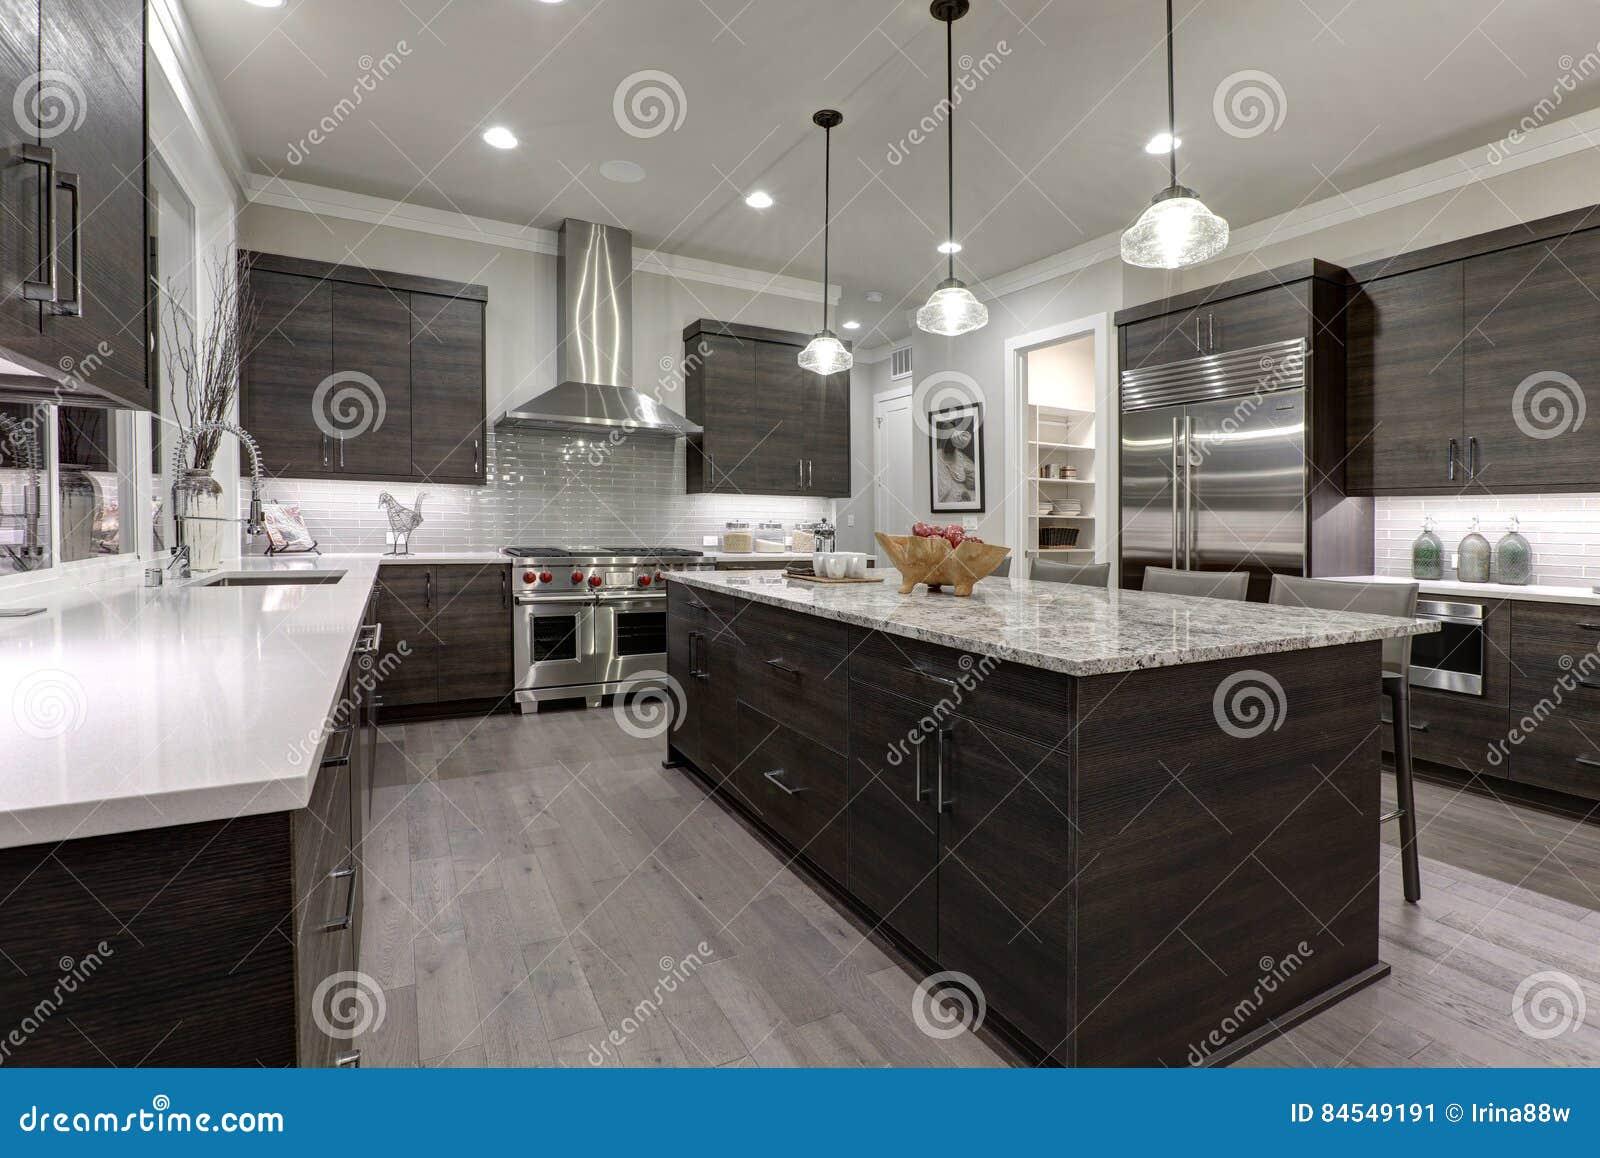 La cucina grigia moderna caratterizza i gabinetti anteriori piani grigio scuro accoppiati con i - Cucina grigio scuro ...